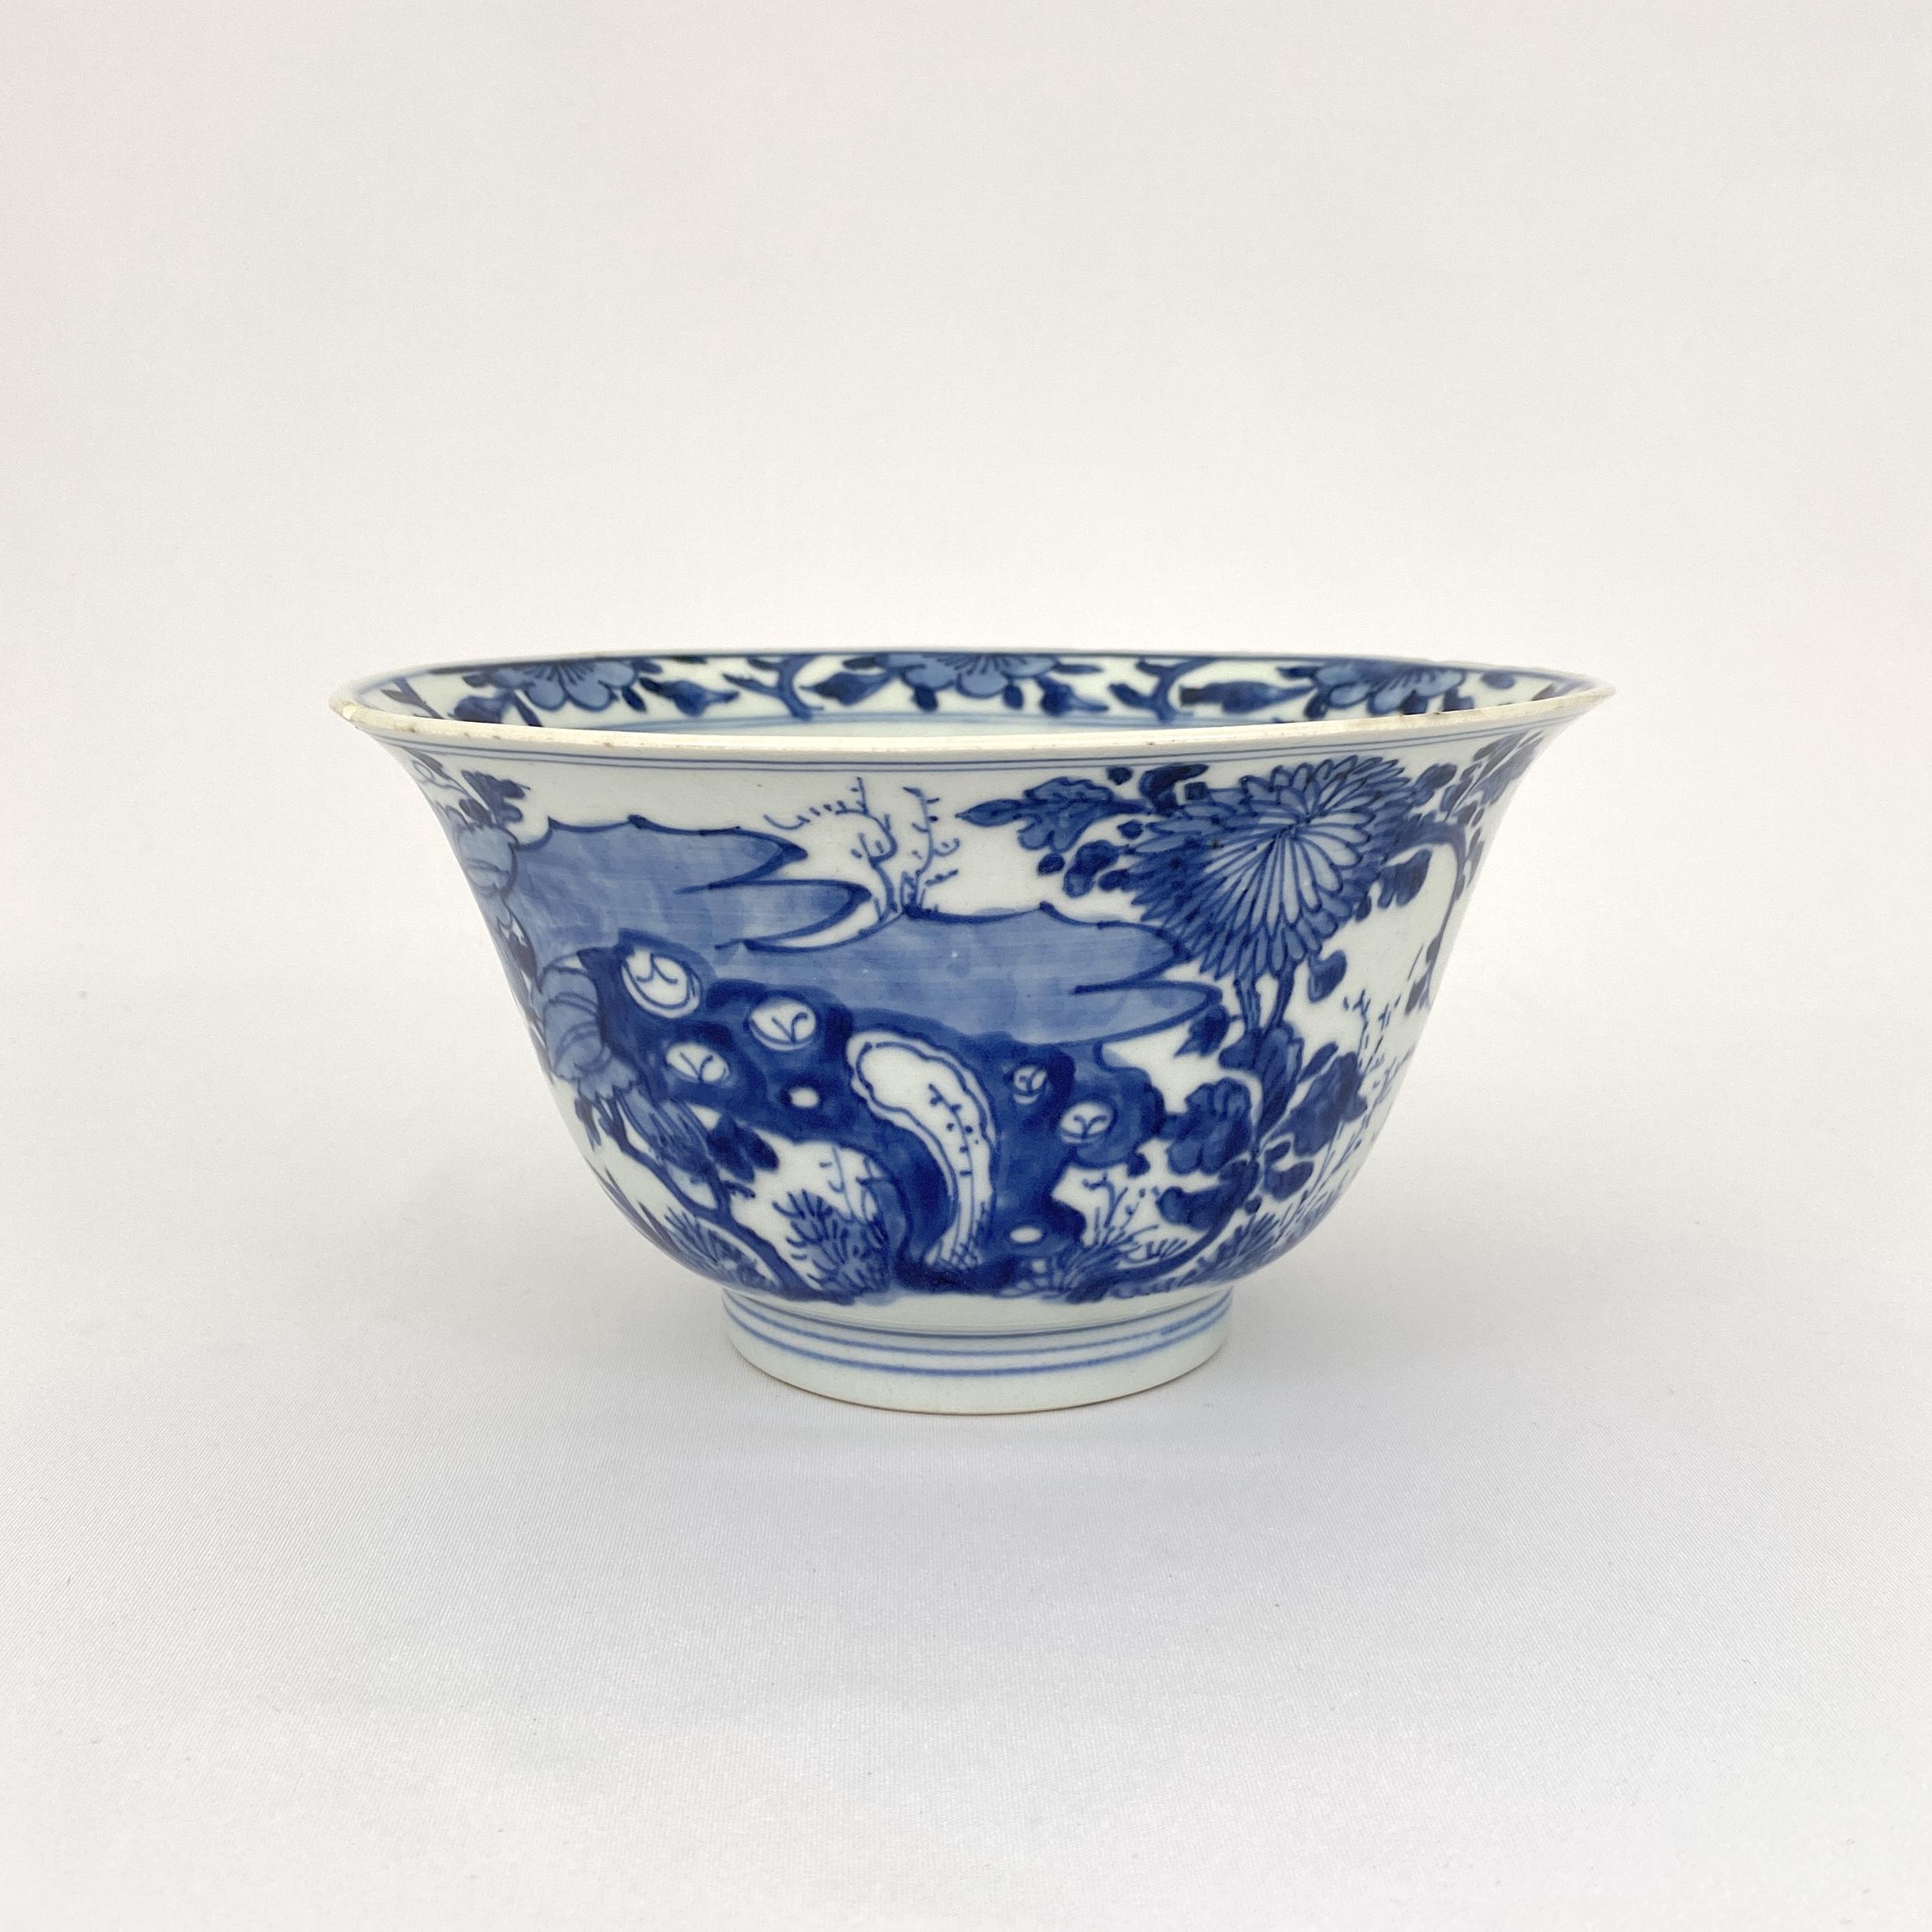 10174清康煕「裕徳堂博古製」款 青花 花図 碗